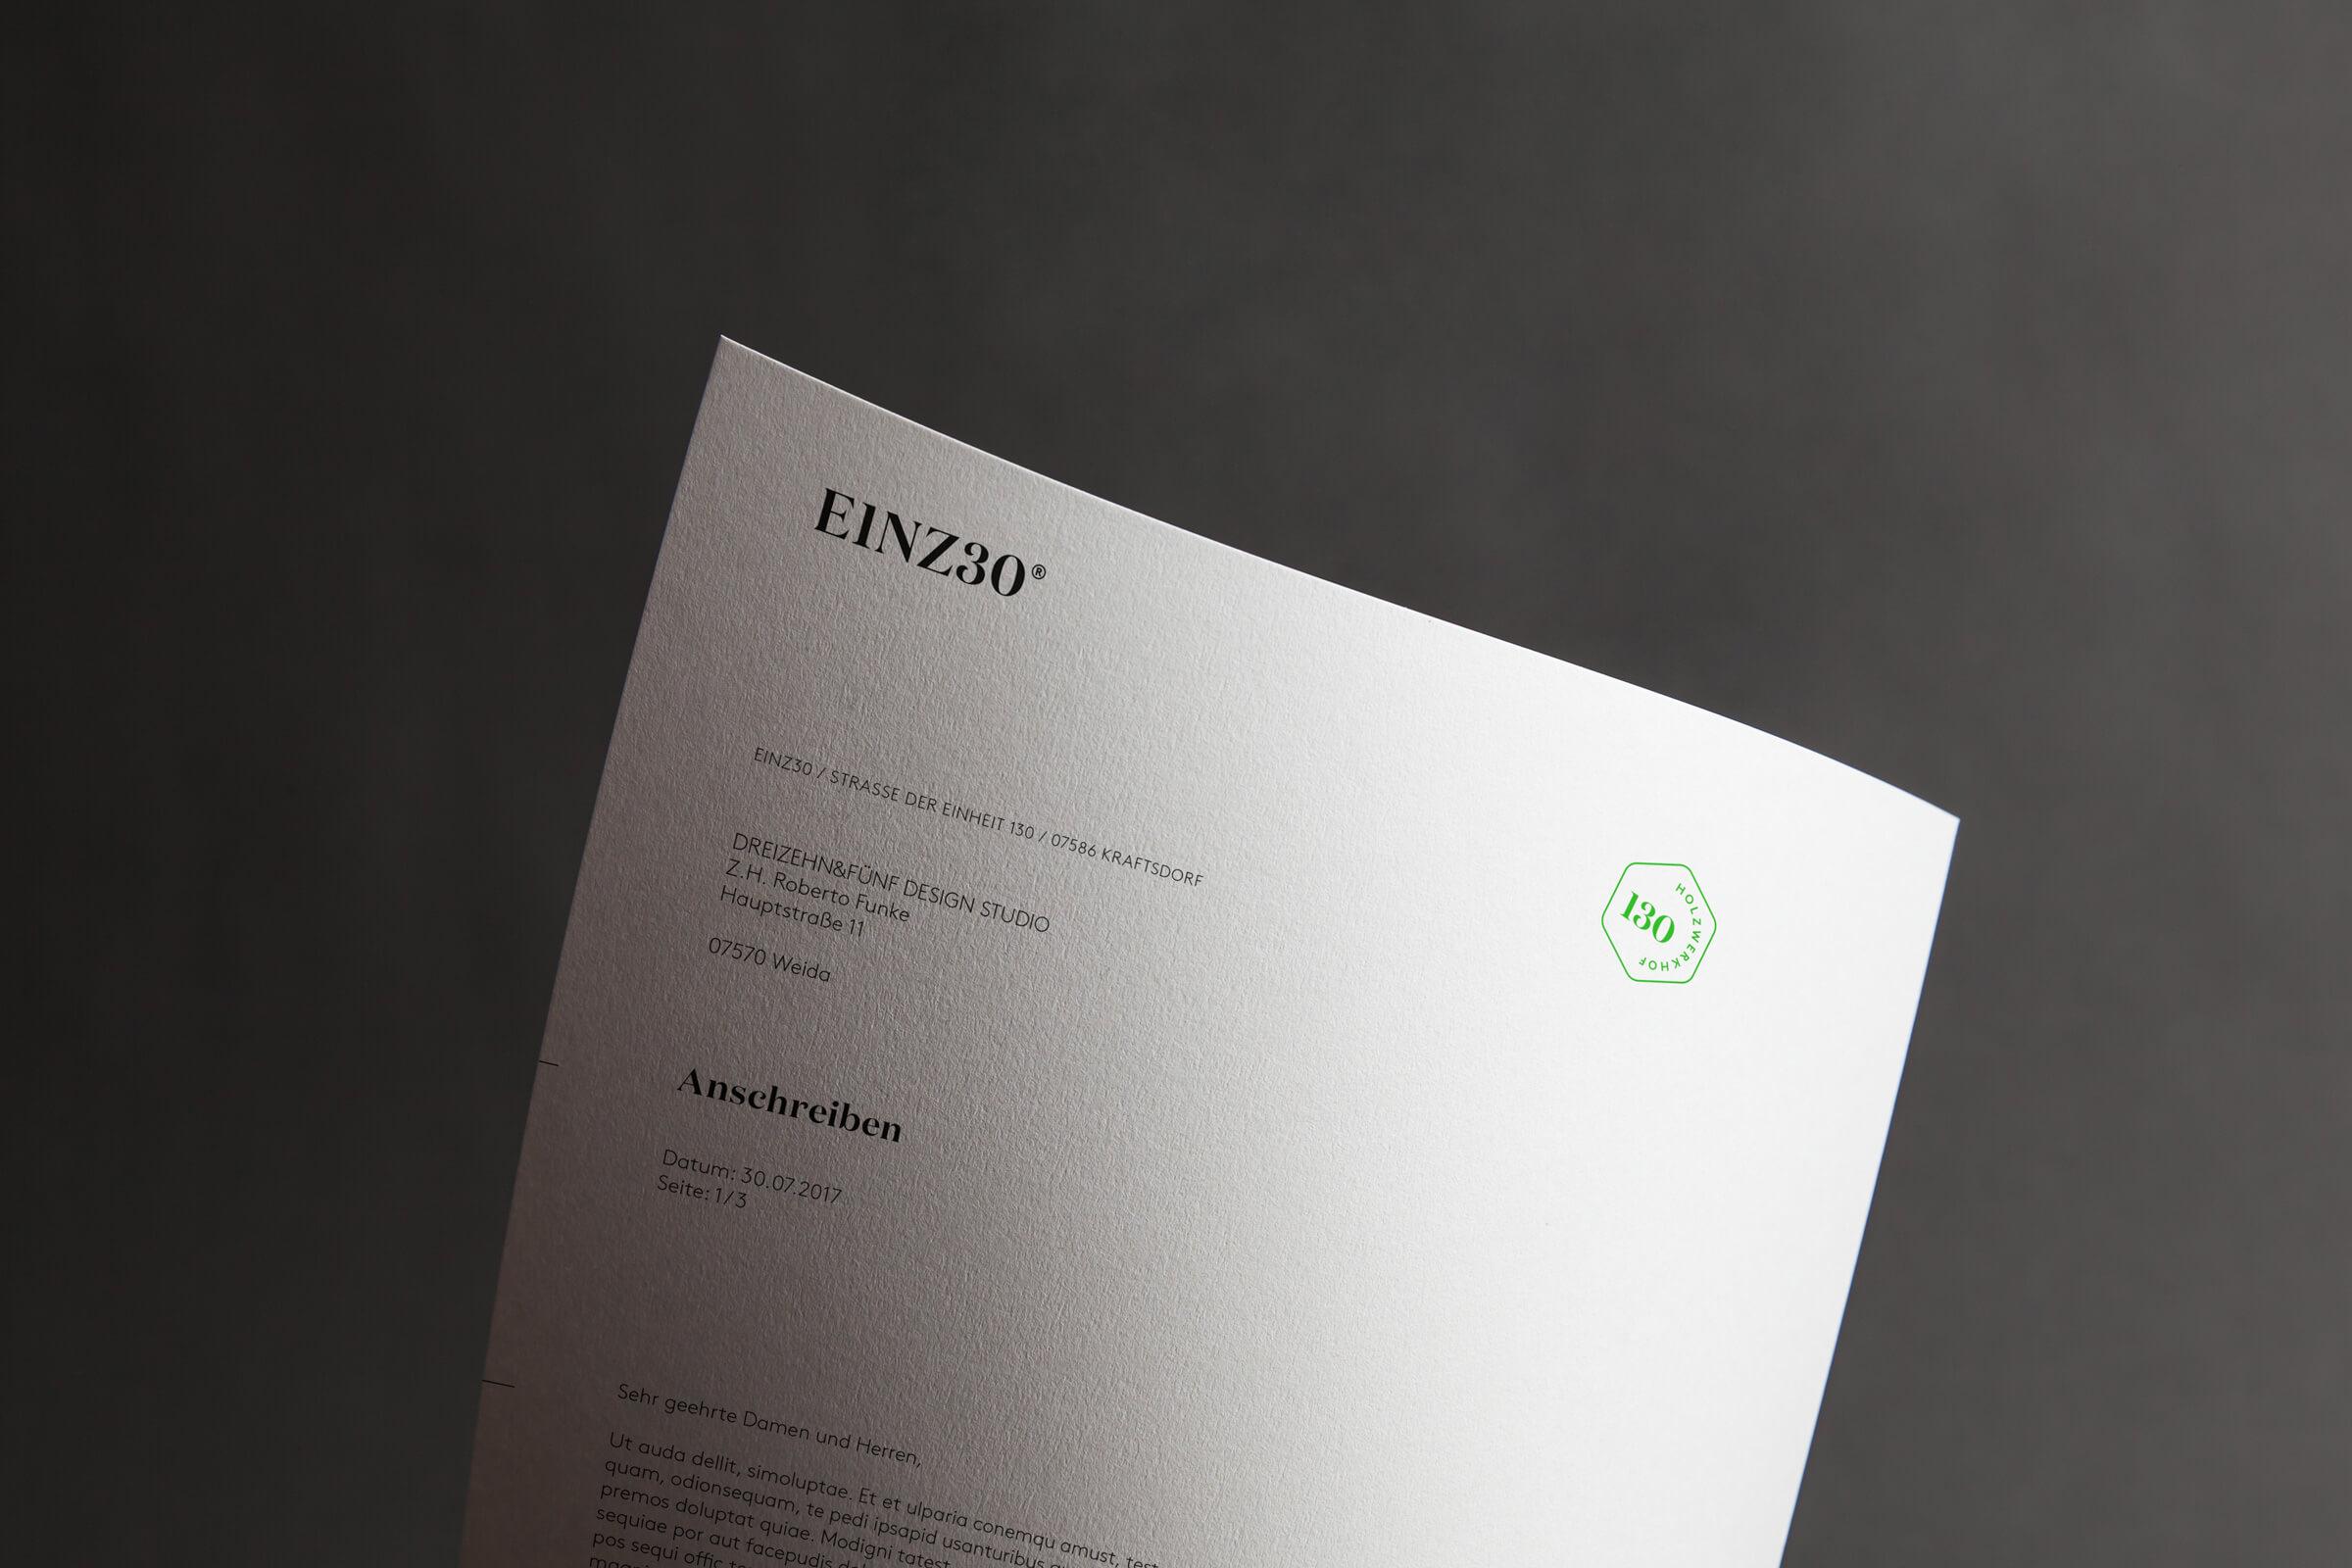 dreizehnundfuenf_design_studio_einz30_3